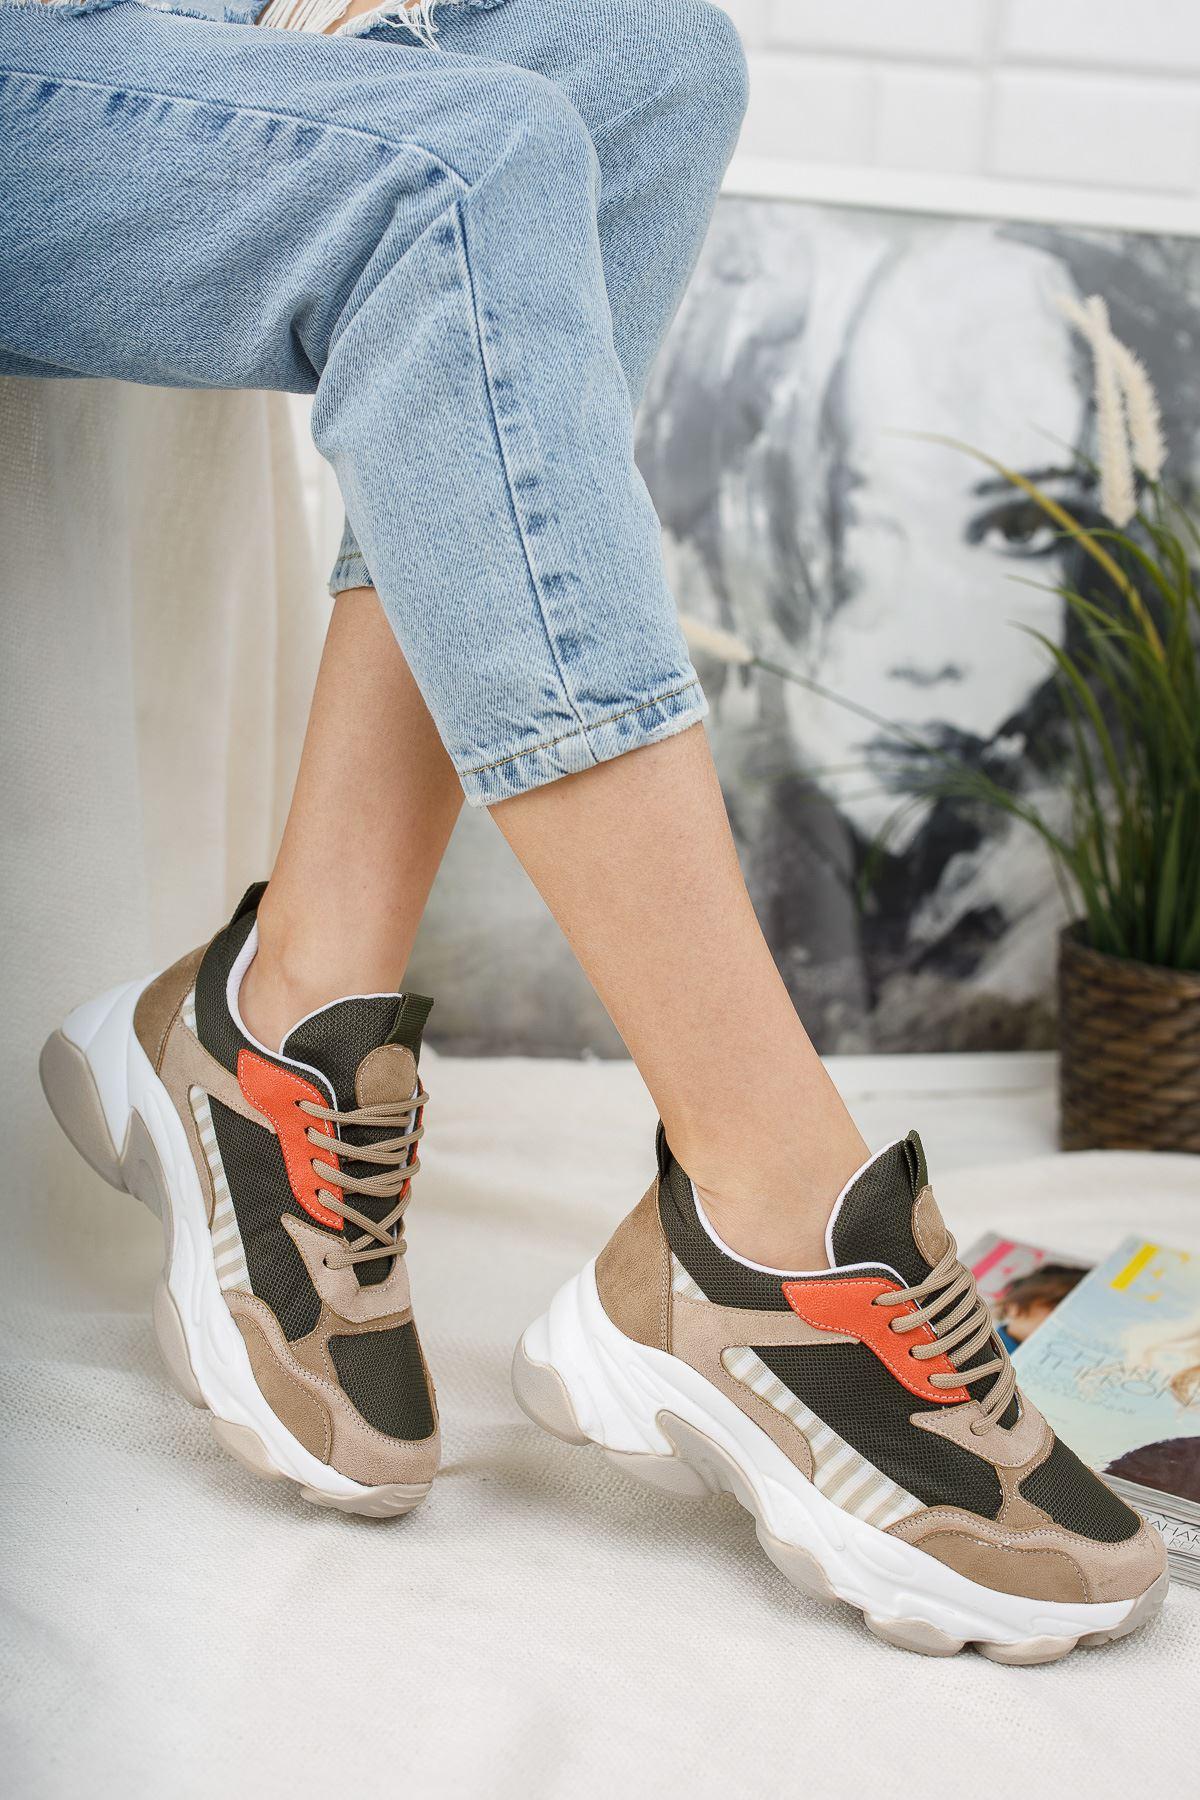 Kadın Reborn Kahve Sneakers Ayakkabısı